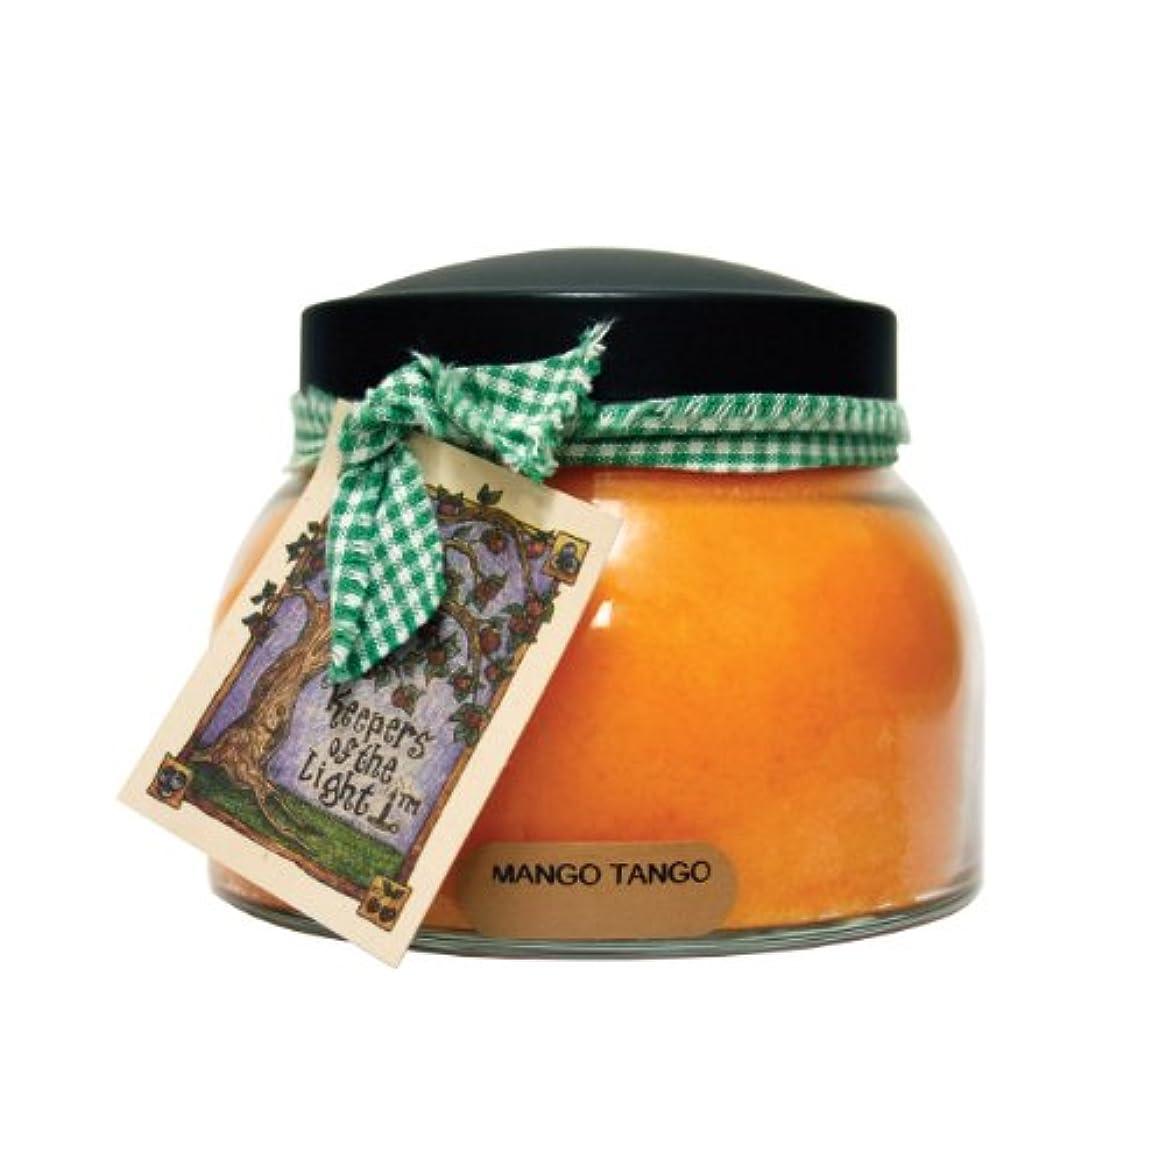 征服する到着連合A Cheerful Giver Mango Tango ベイビージャーキャンドル 22oz JM83